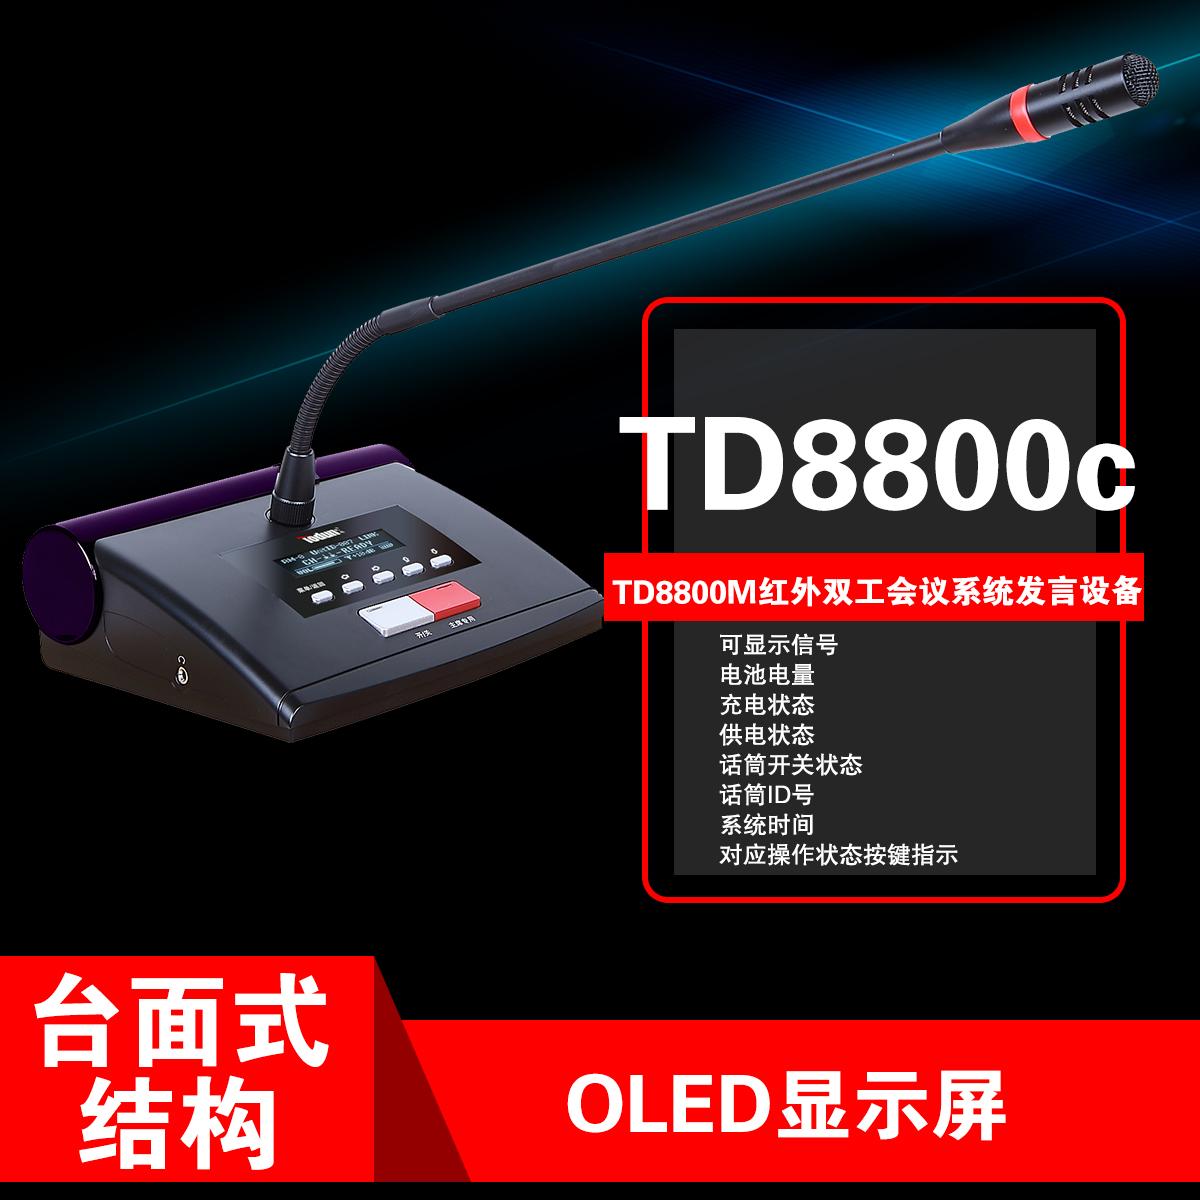 红外线双工会议系统 托顿TD8800c 集表决视像讨论型红外线会议系统